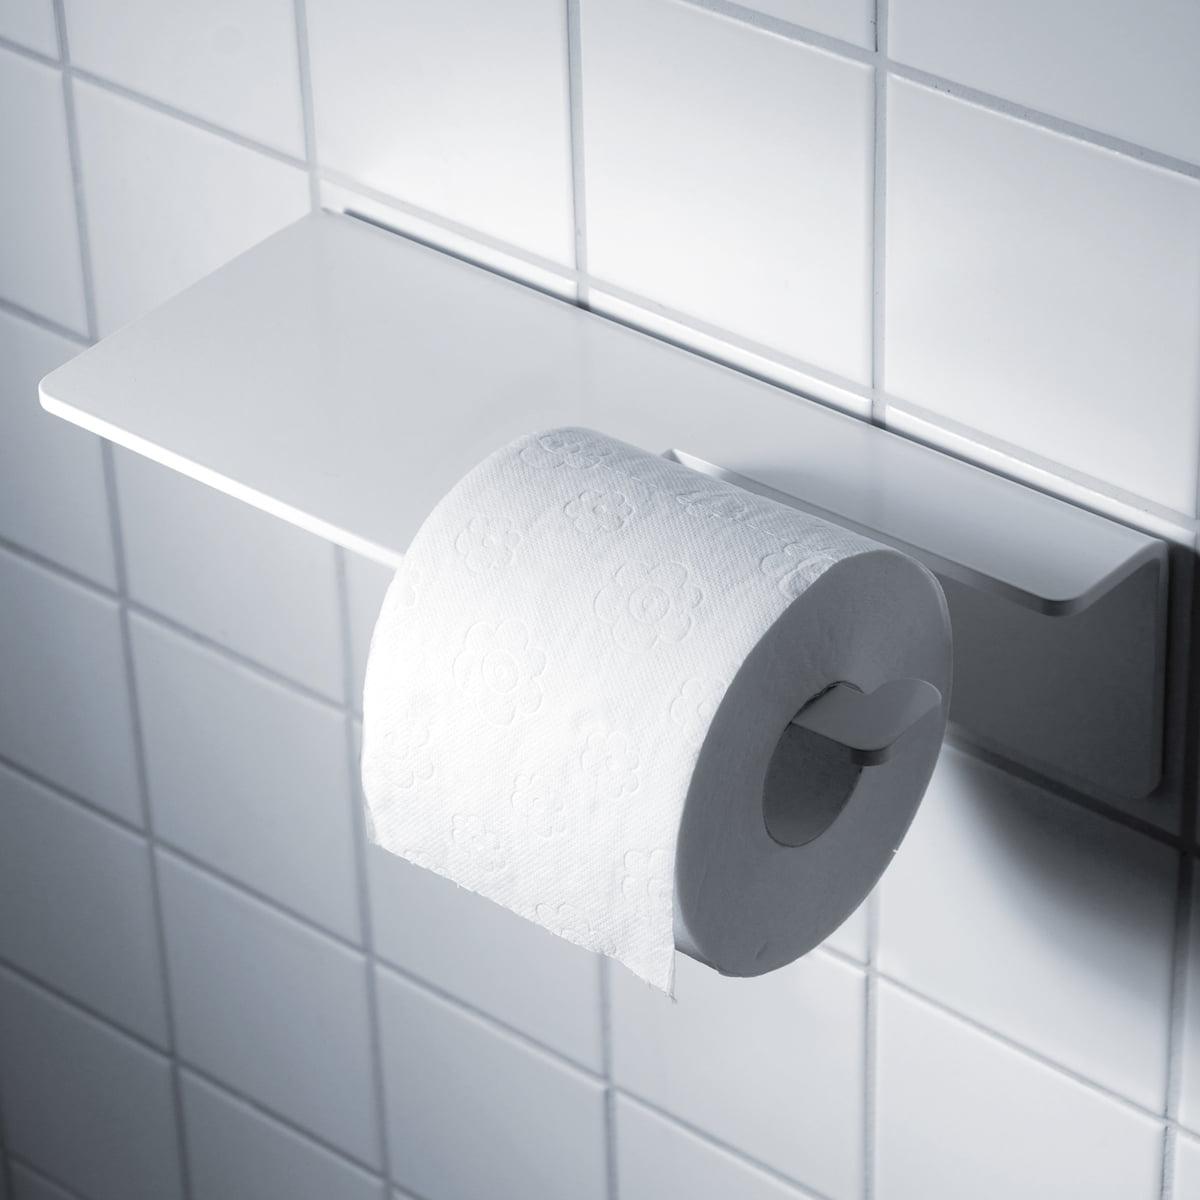 Puro Toilettenpapierhalter von Radius Design | Connox.at